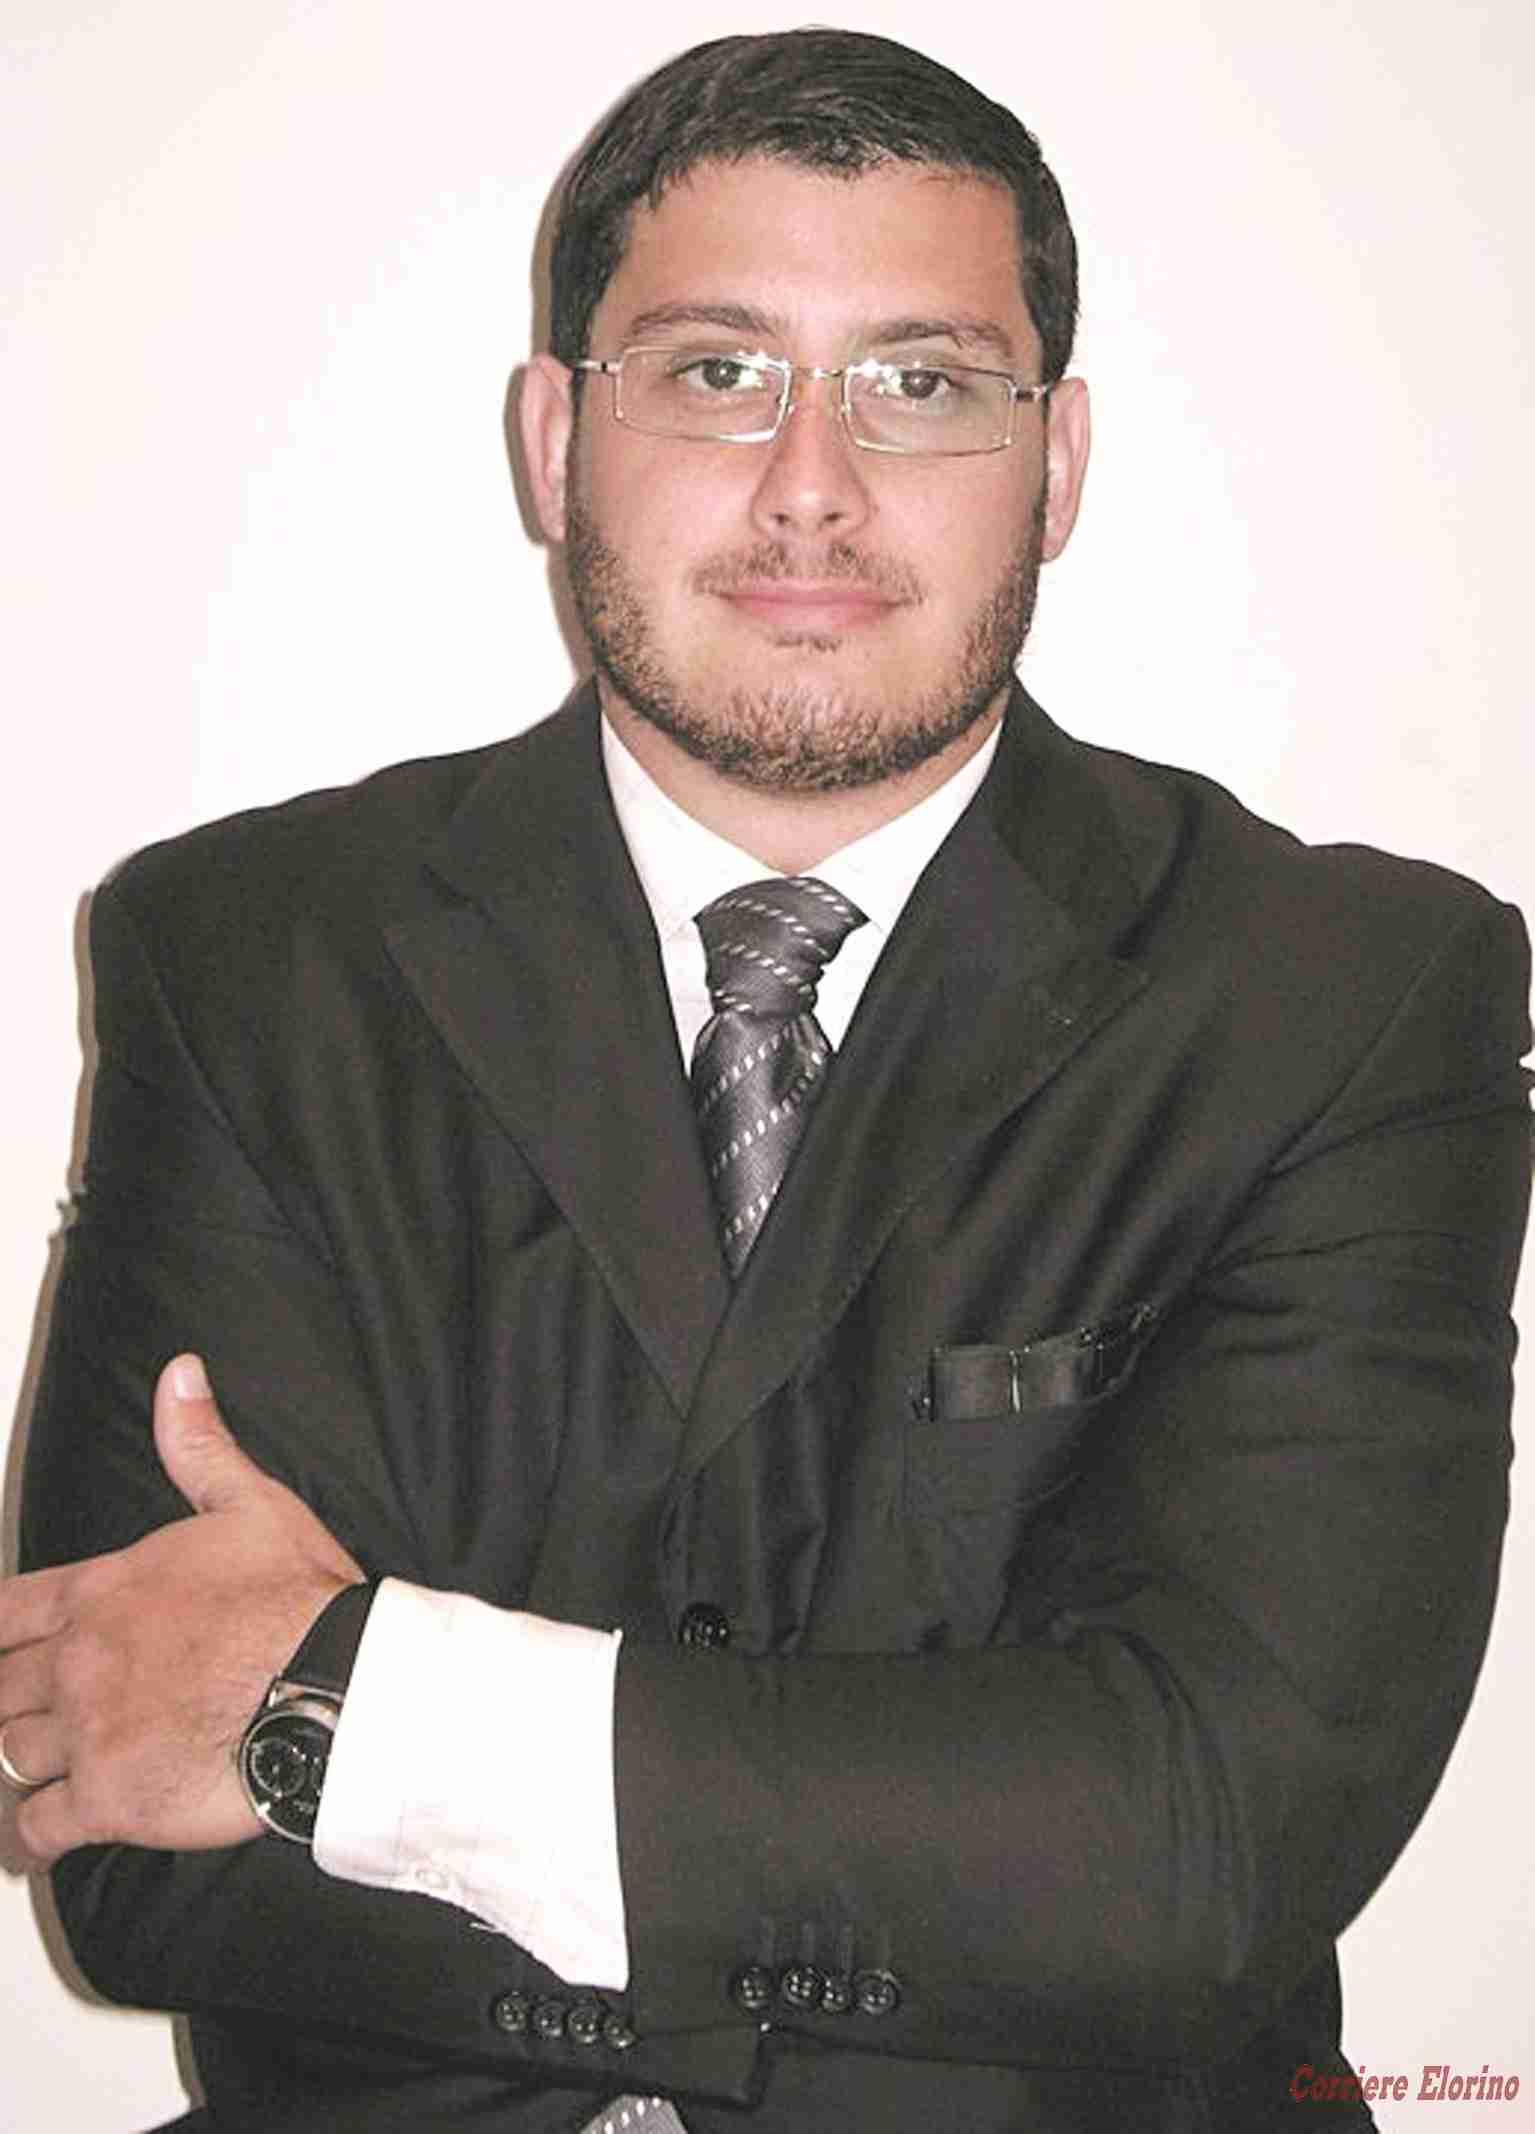 Le attività svolte dal consulente Julian Ovando Salemi in favore della comunità rosolinese e siciliana